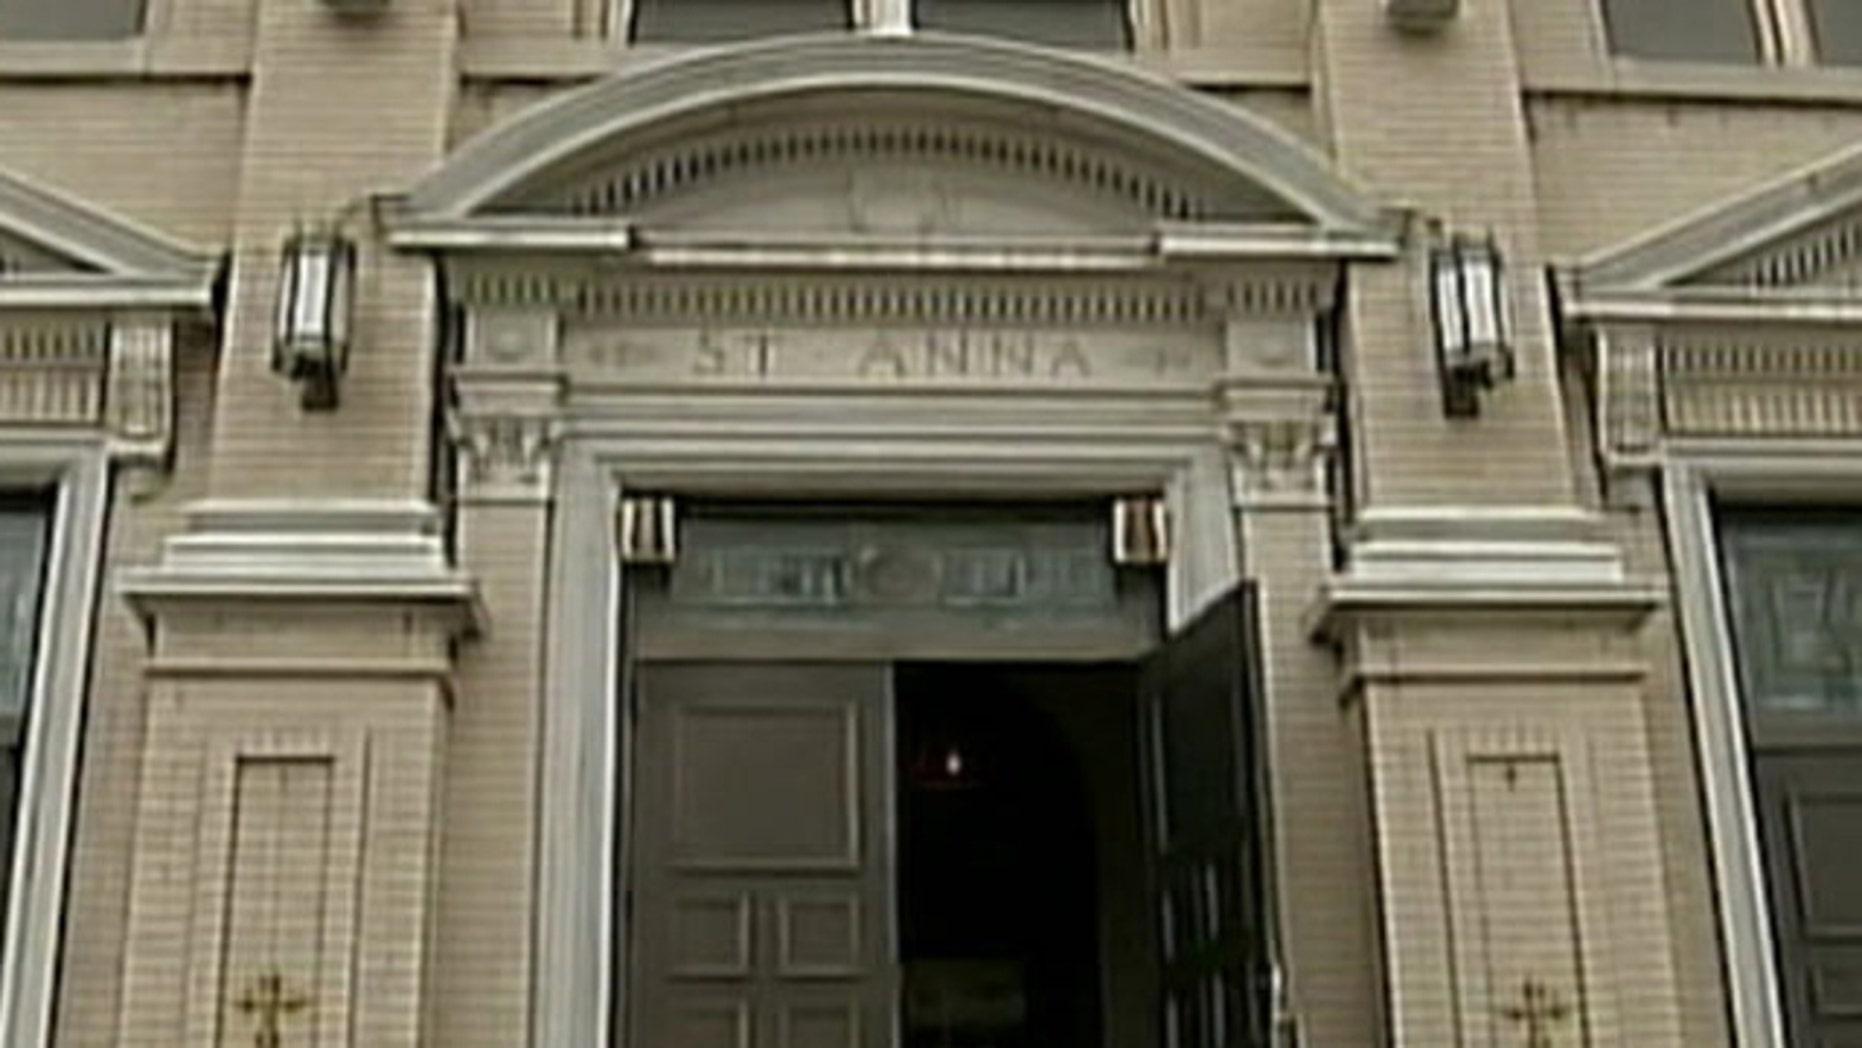 Mar. 21, 2012: This photo shows St. Ann's church.